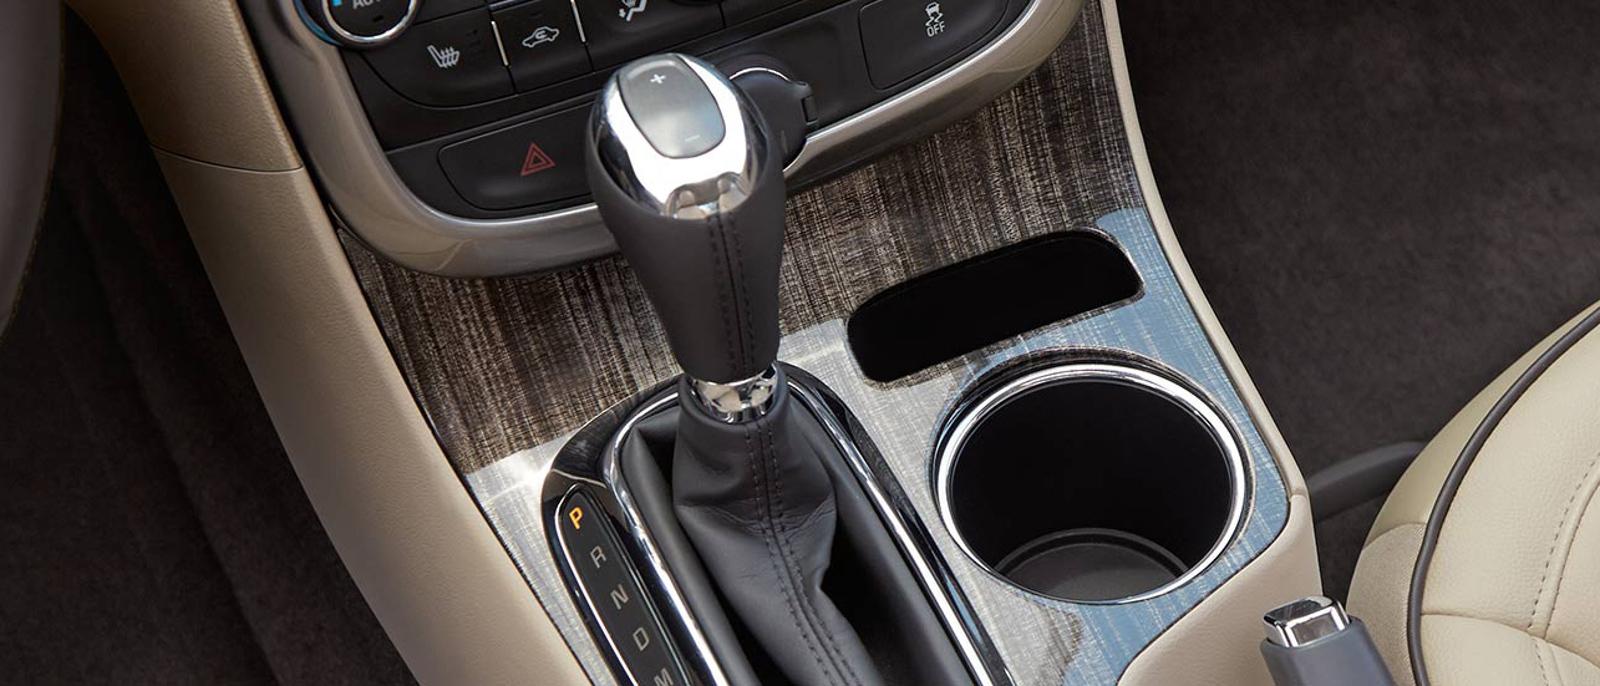 2016 Chevrolet Malibu Limited Gear Shift